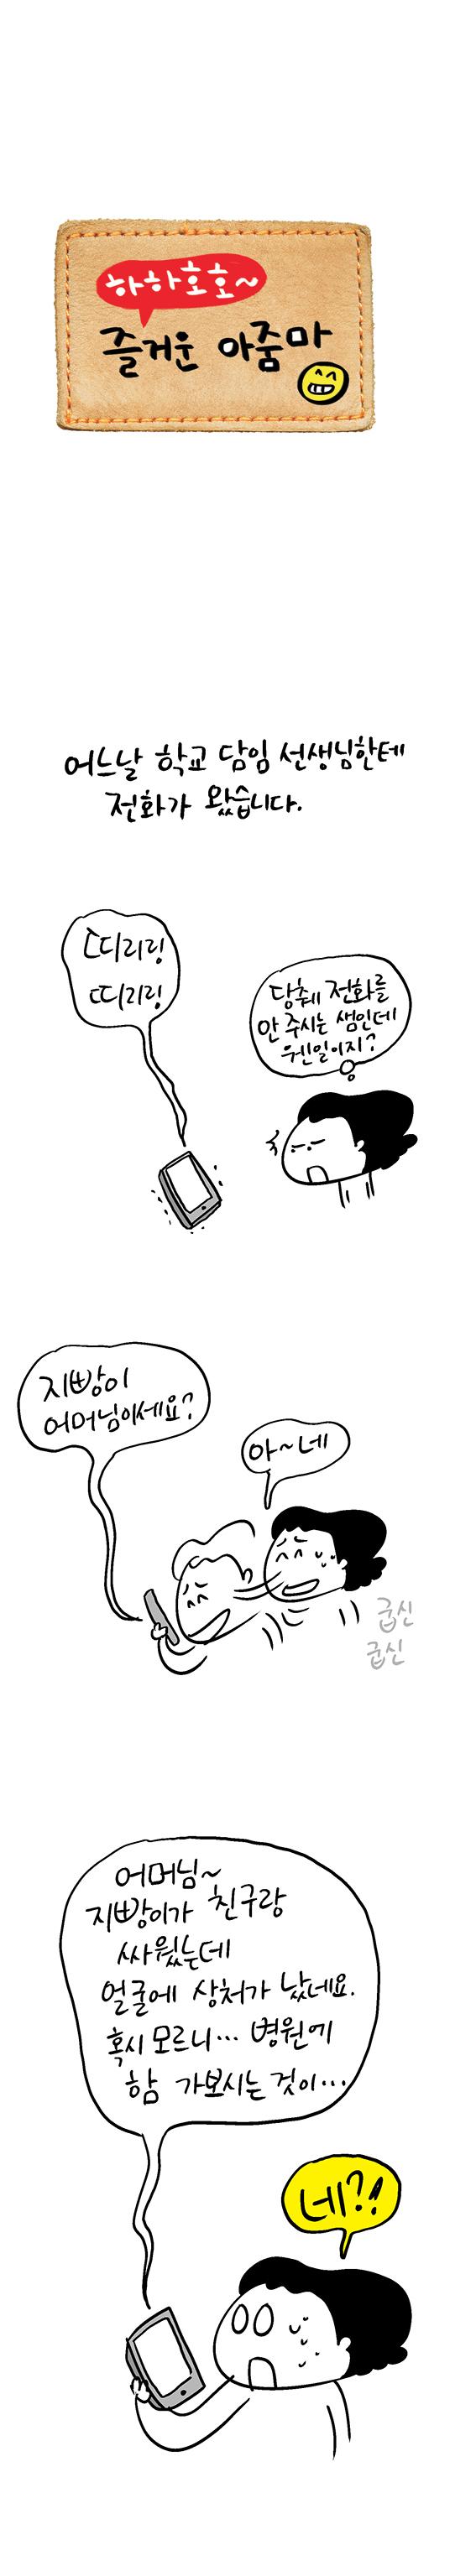 육아카툰초등아들싸움상처11.jpg